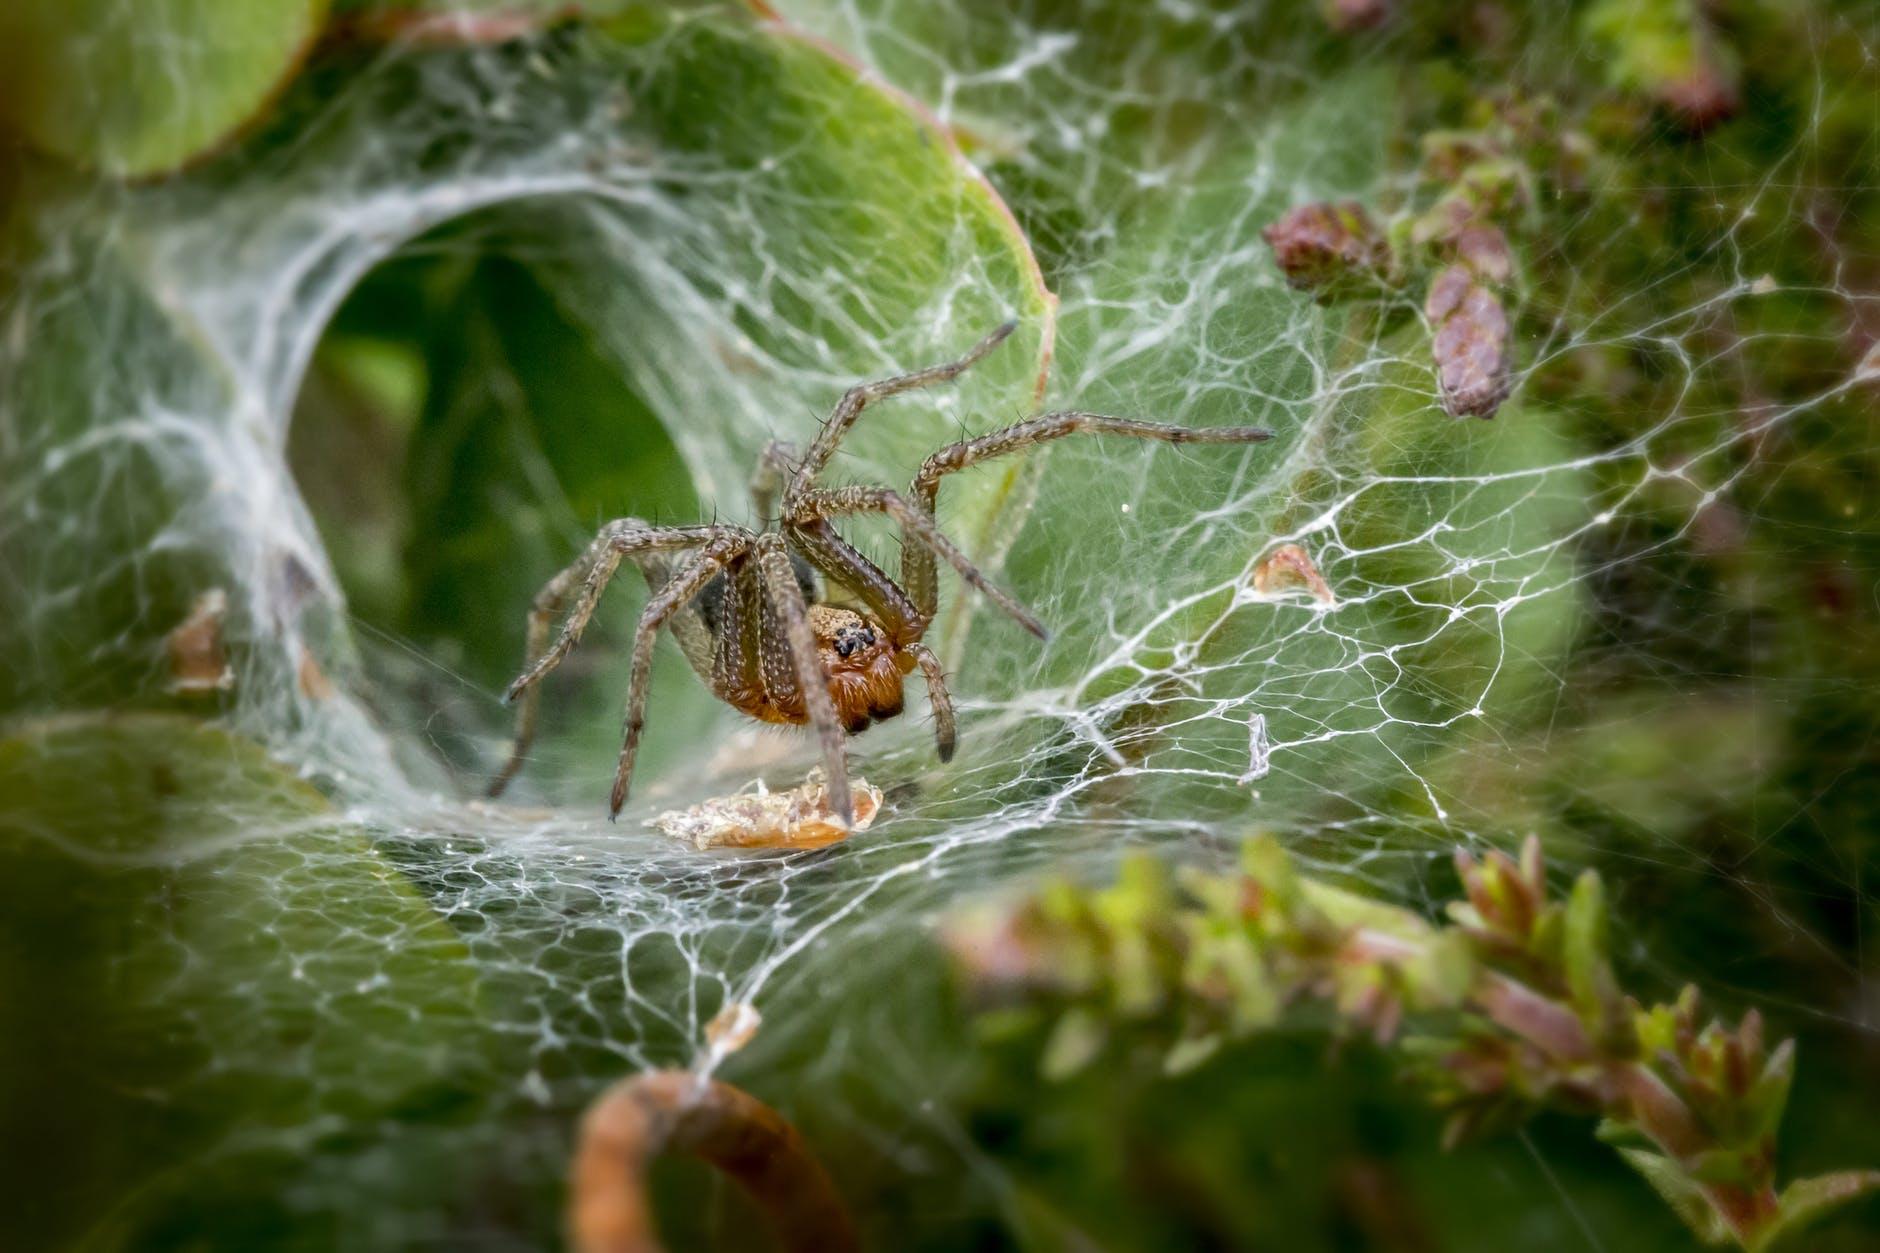 brown spider on spider web